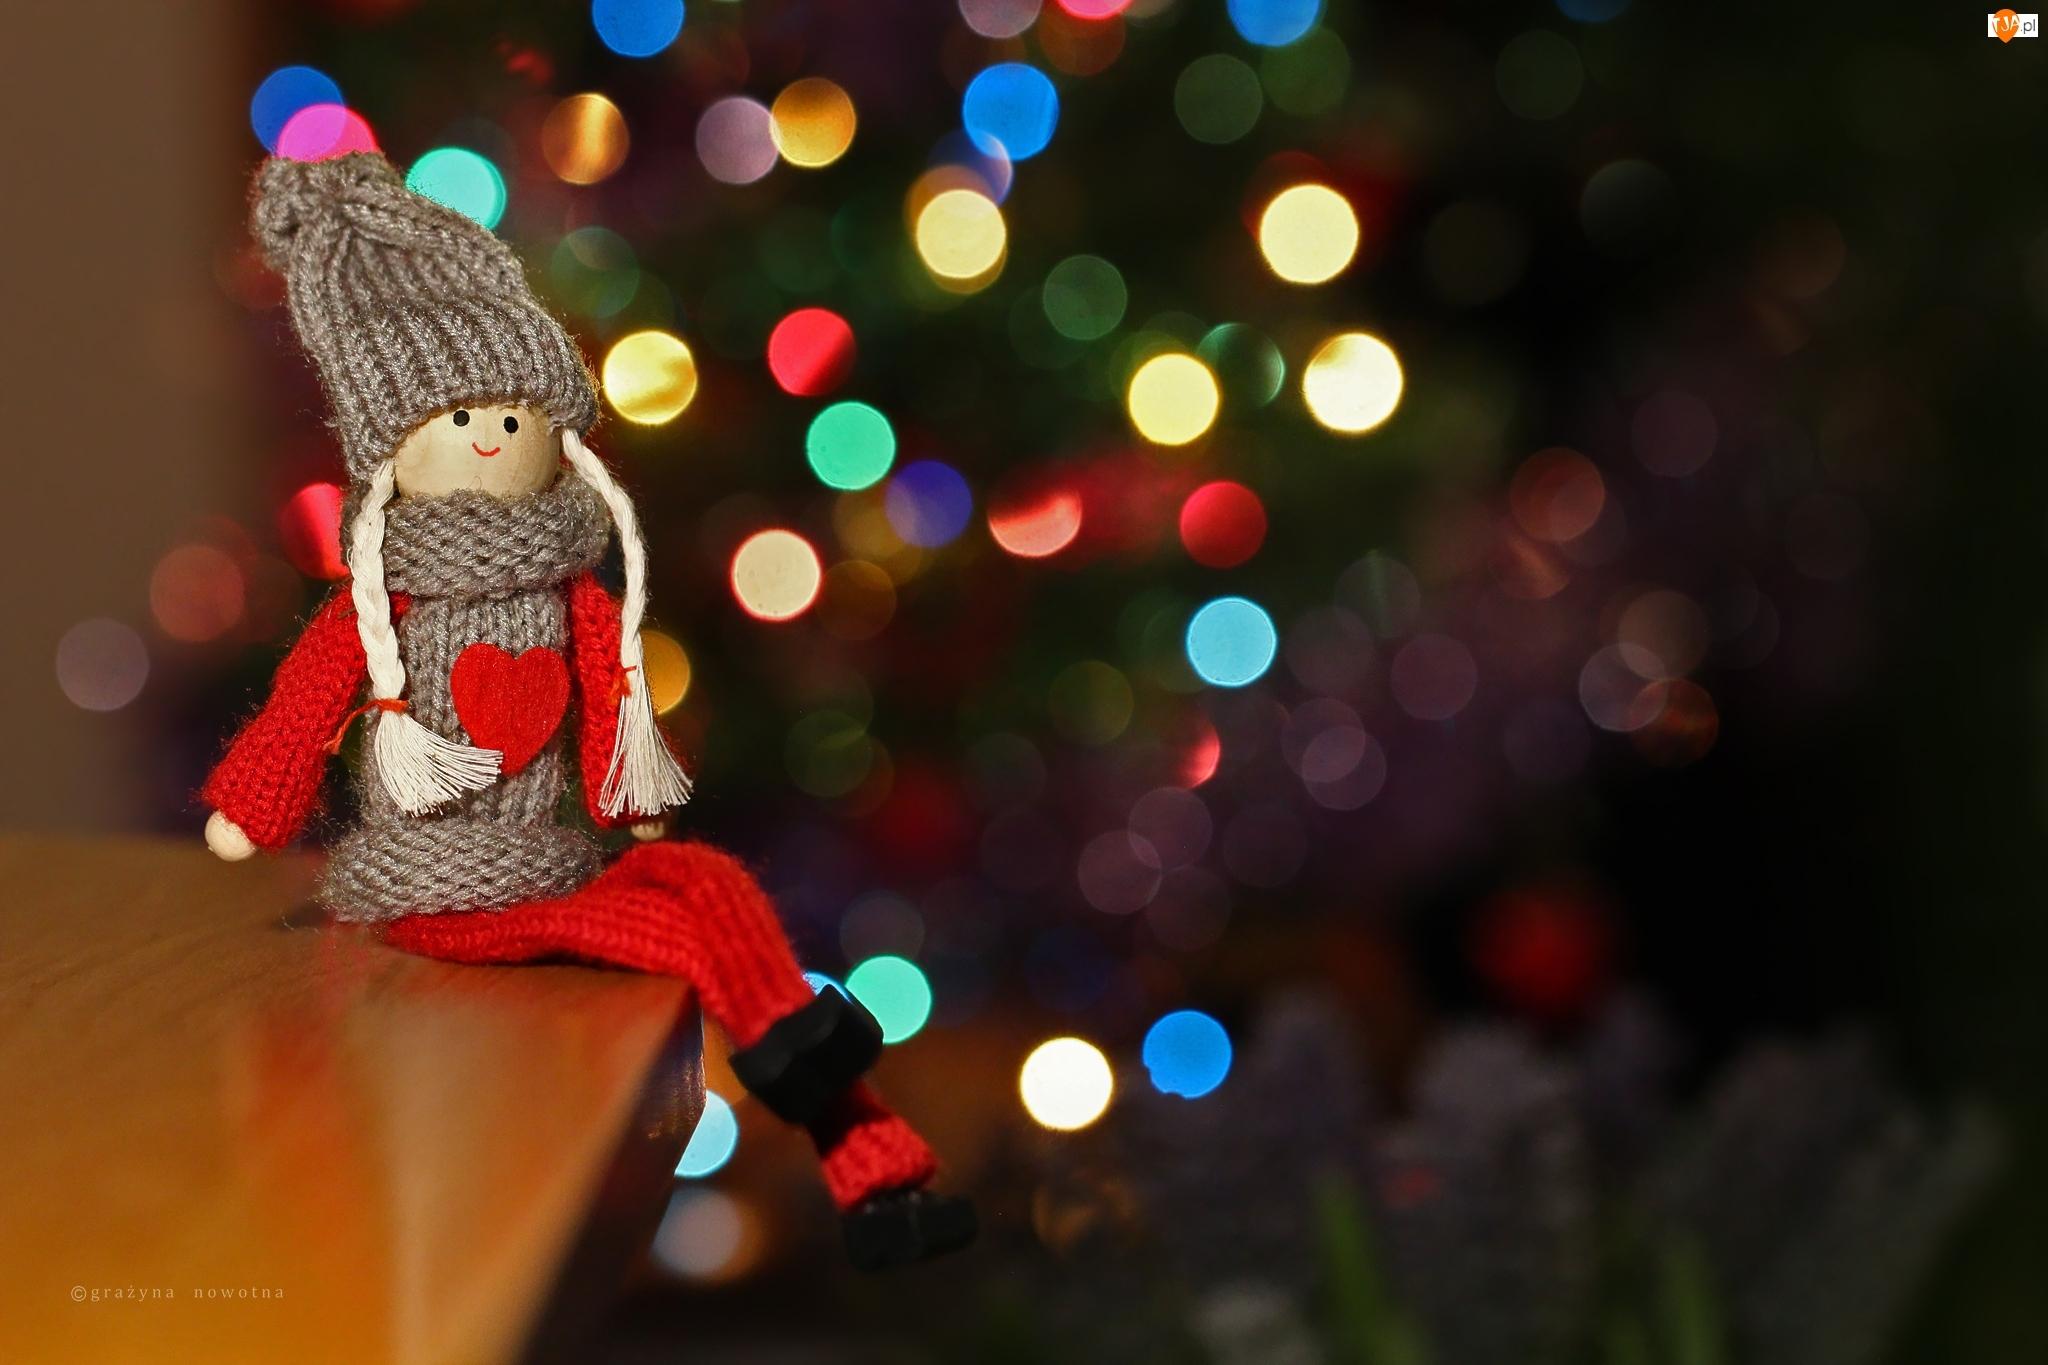 Laleczka, Boże Narodzenie, Choinka, Święta